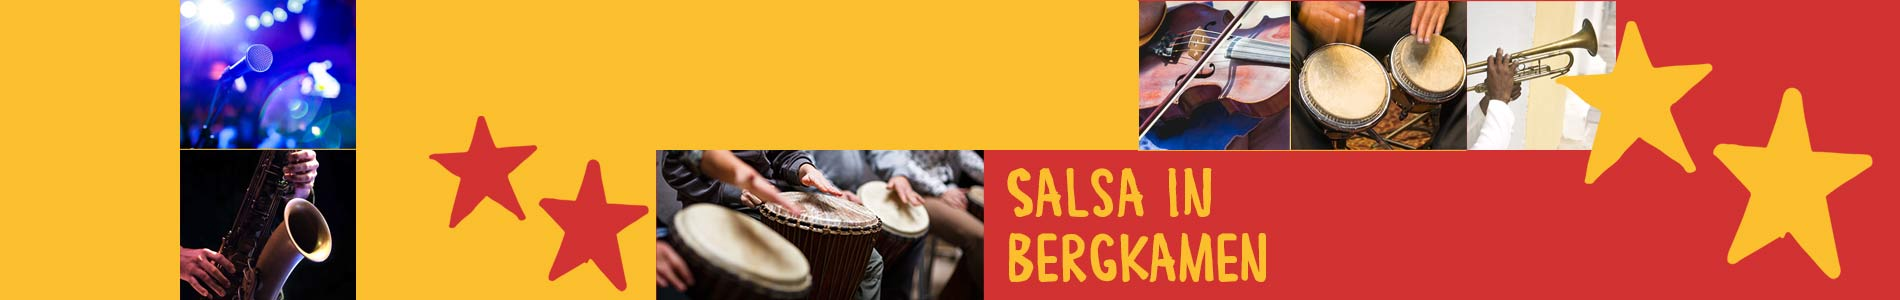 Salsa in Bergkamen – Salsa lernen und tanzen, Tanzkurse, Partys, Veranstaltungen